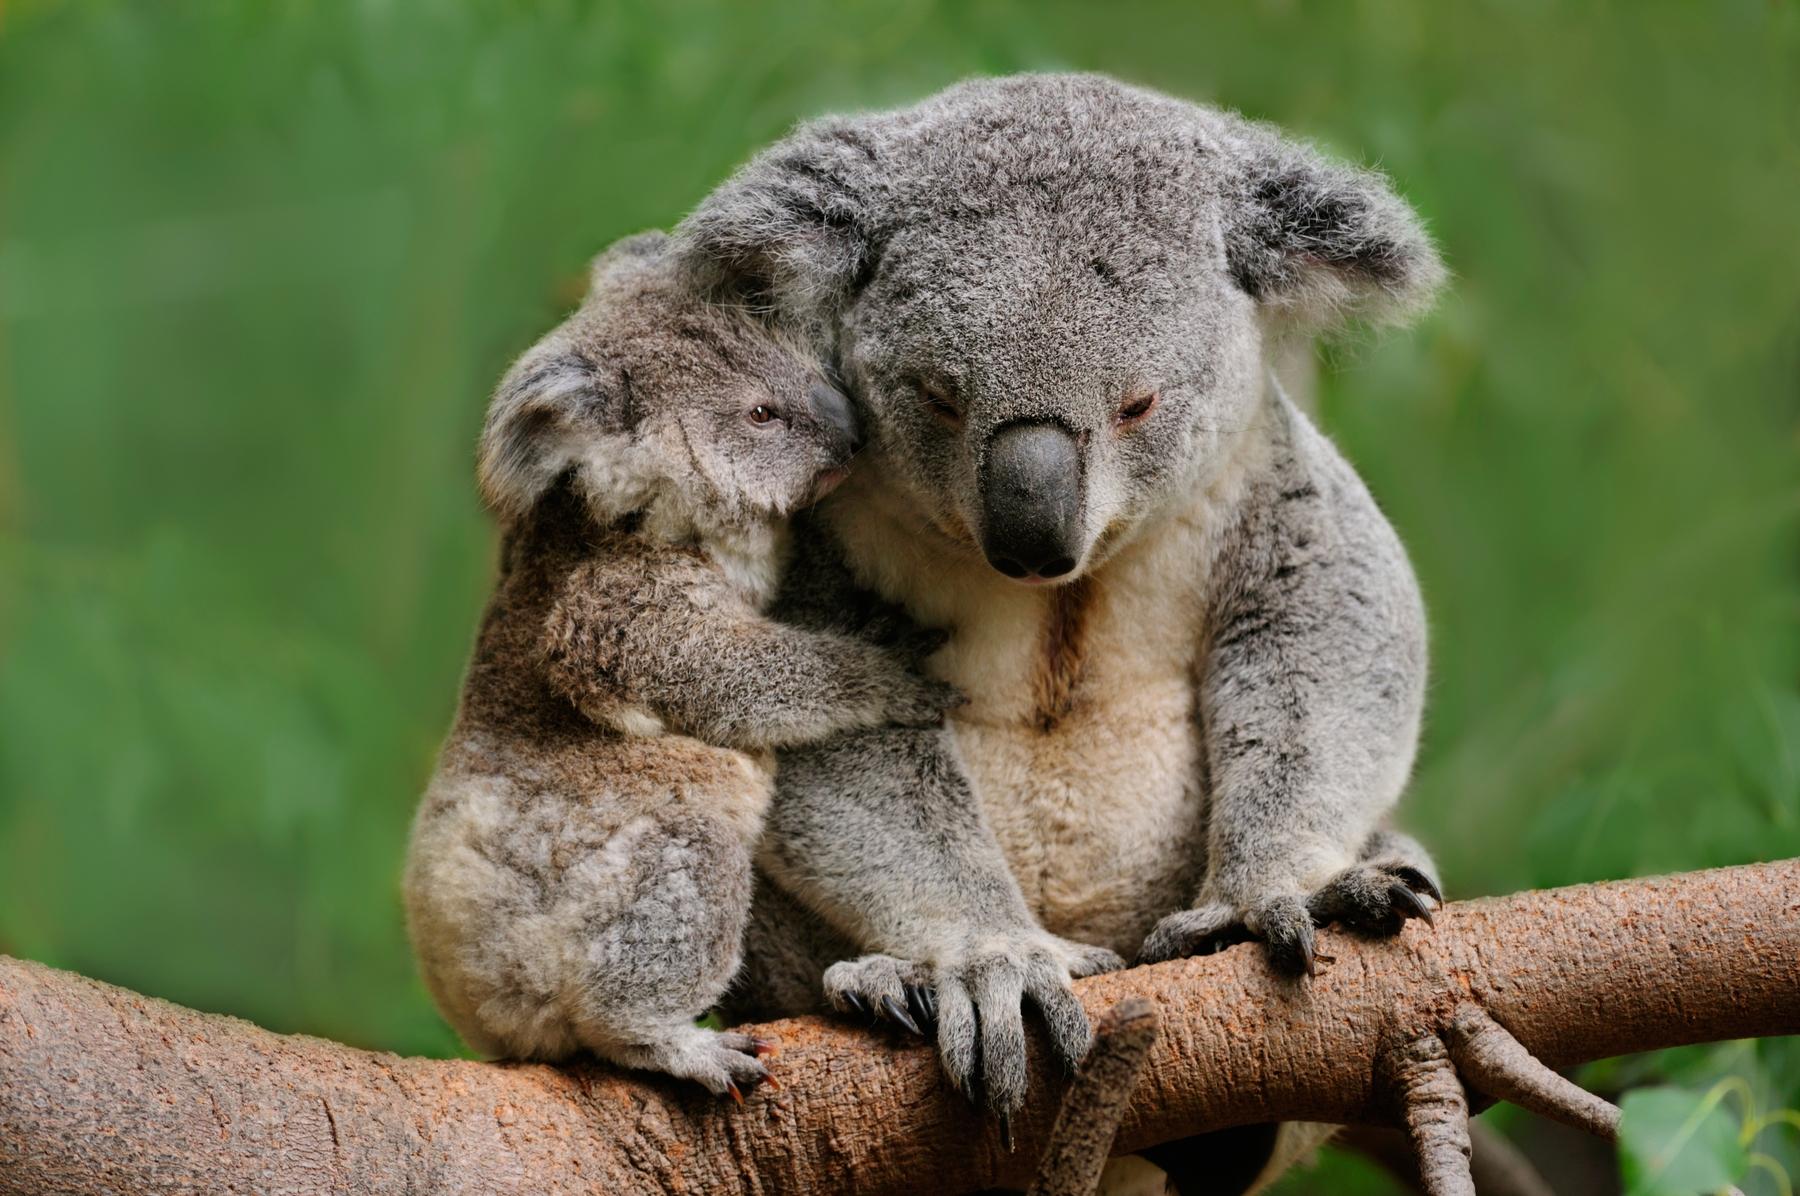 Mother and baby koala in Brisbane, Queensland